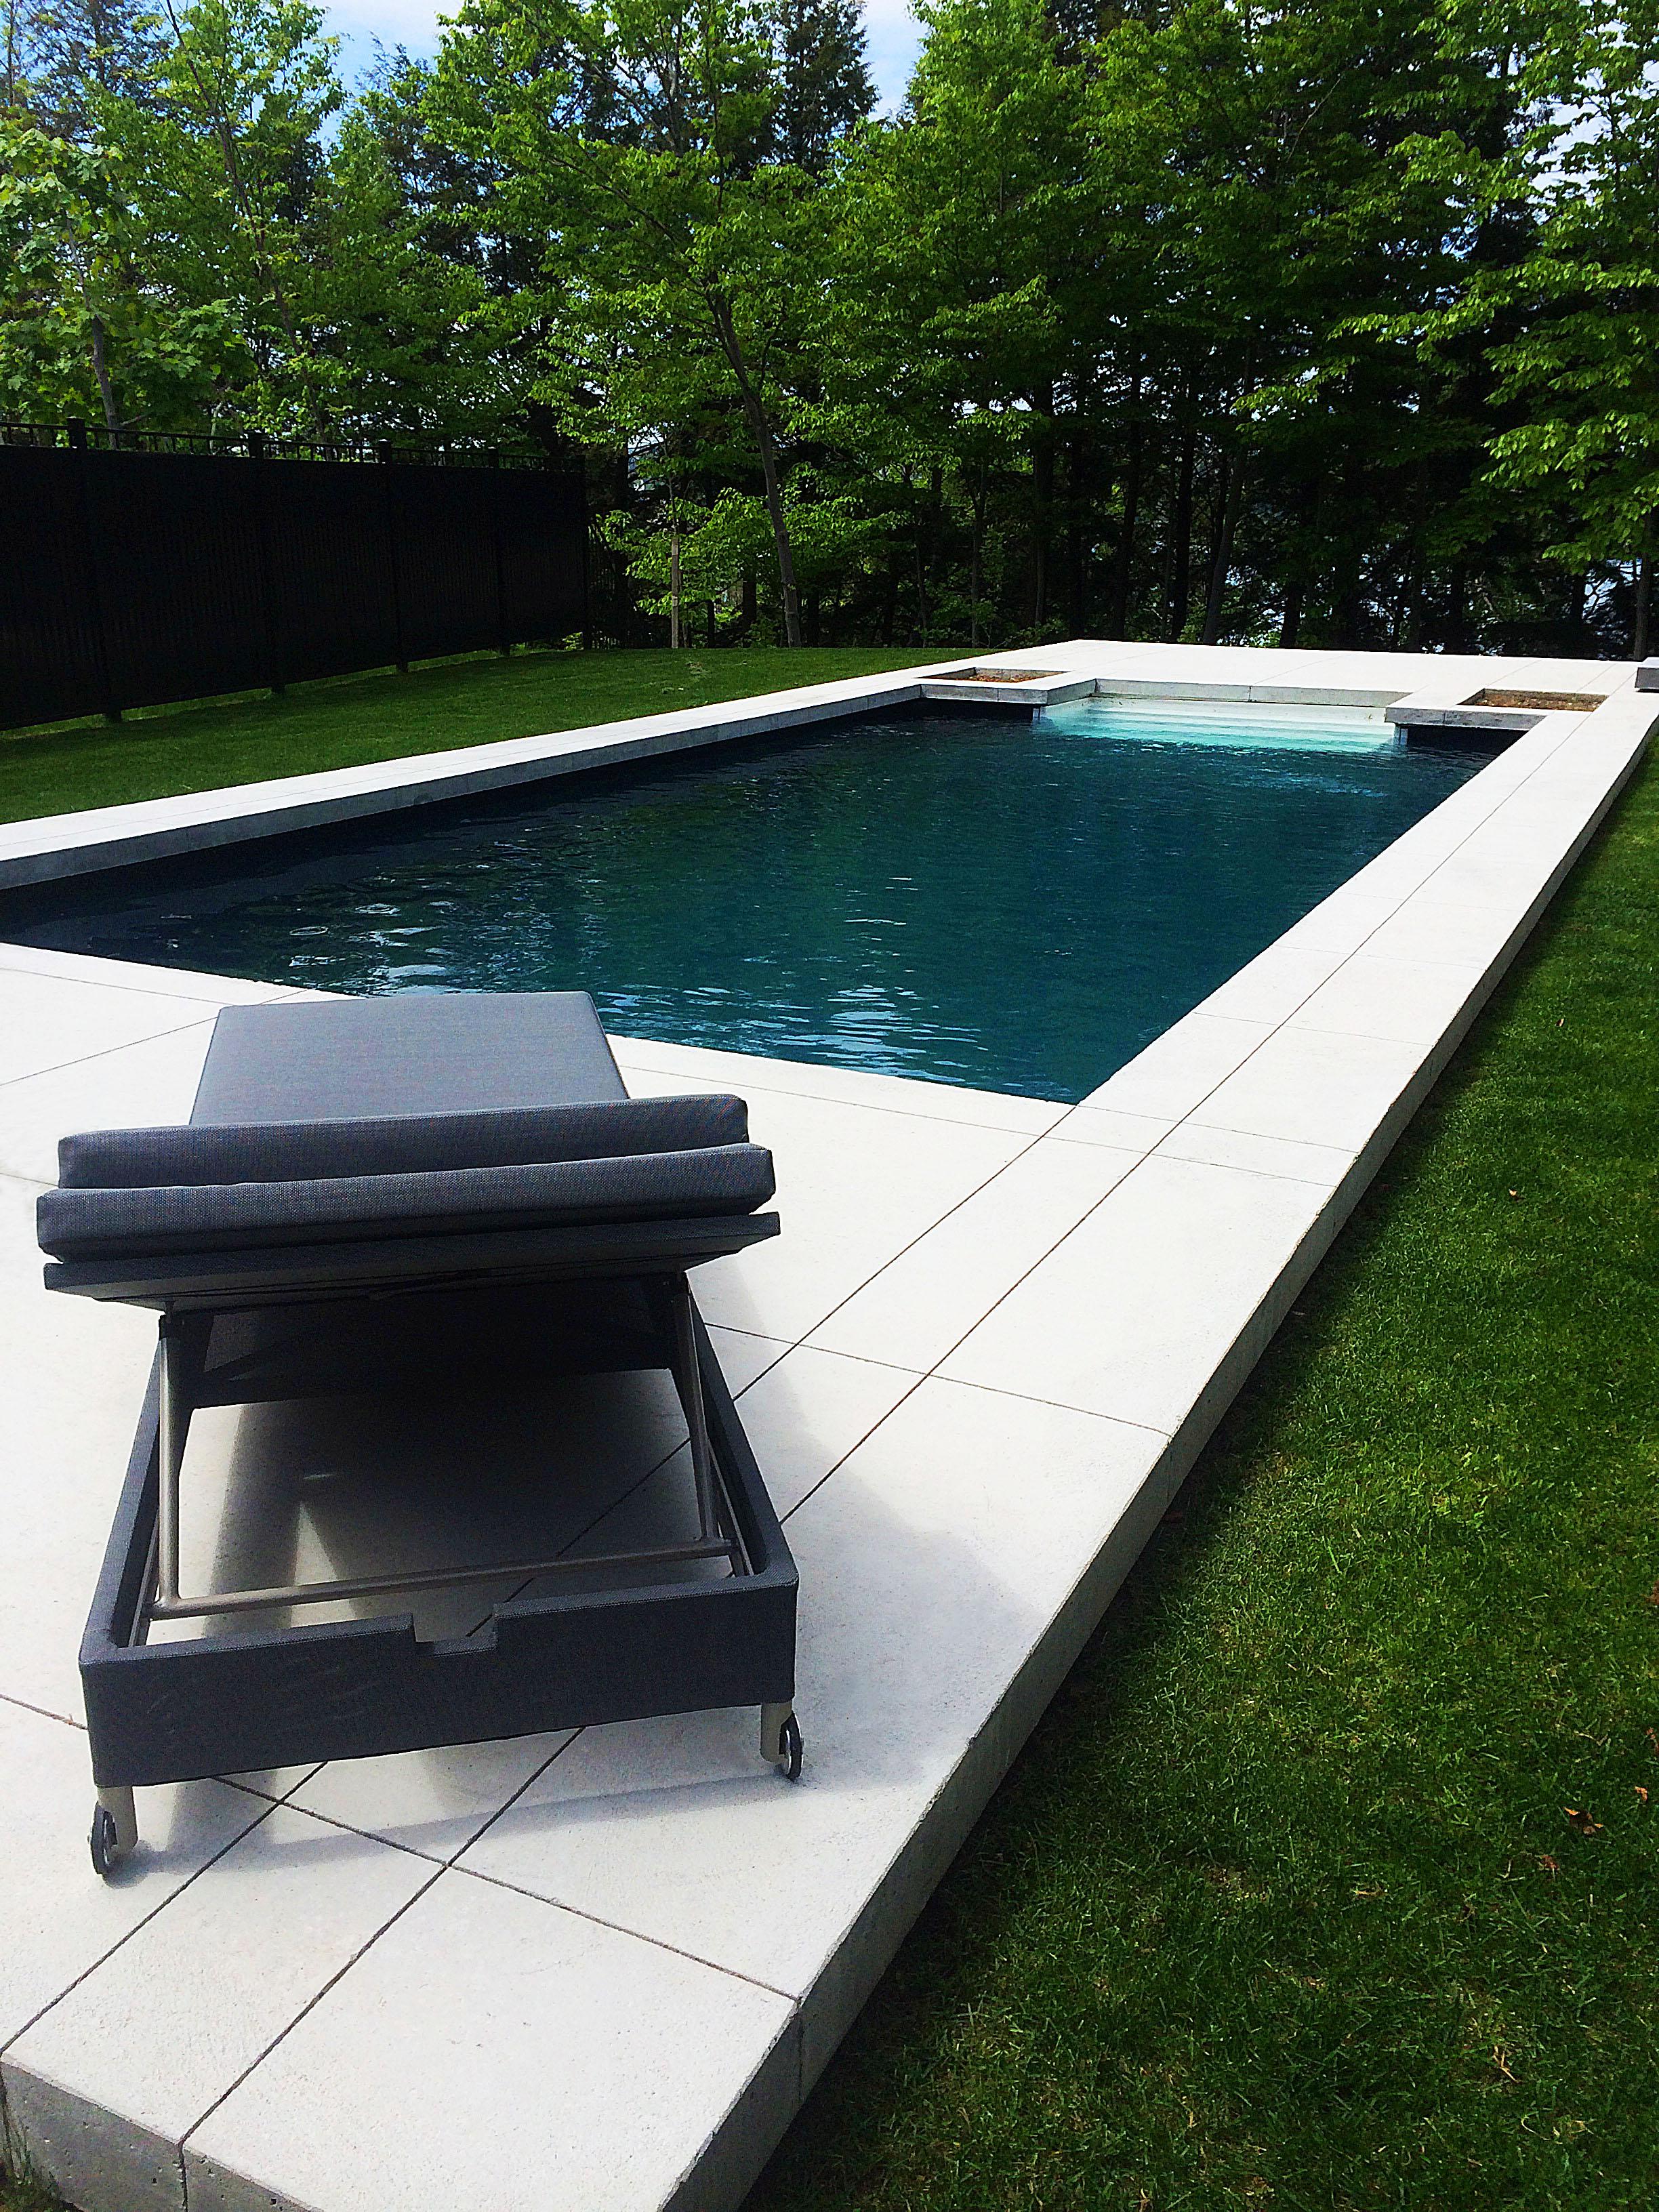 tour de piscine agré-tech